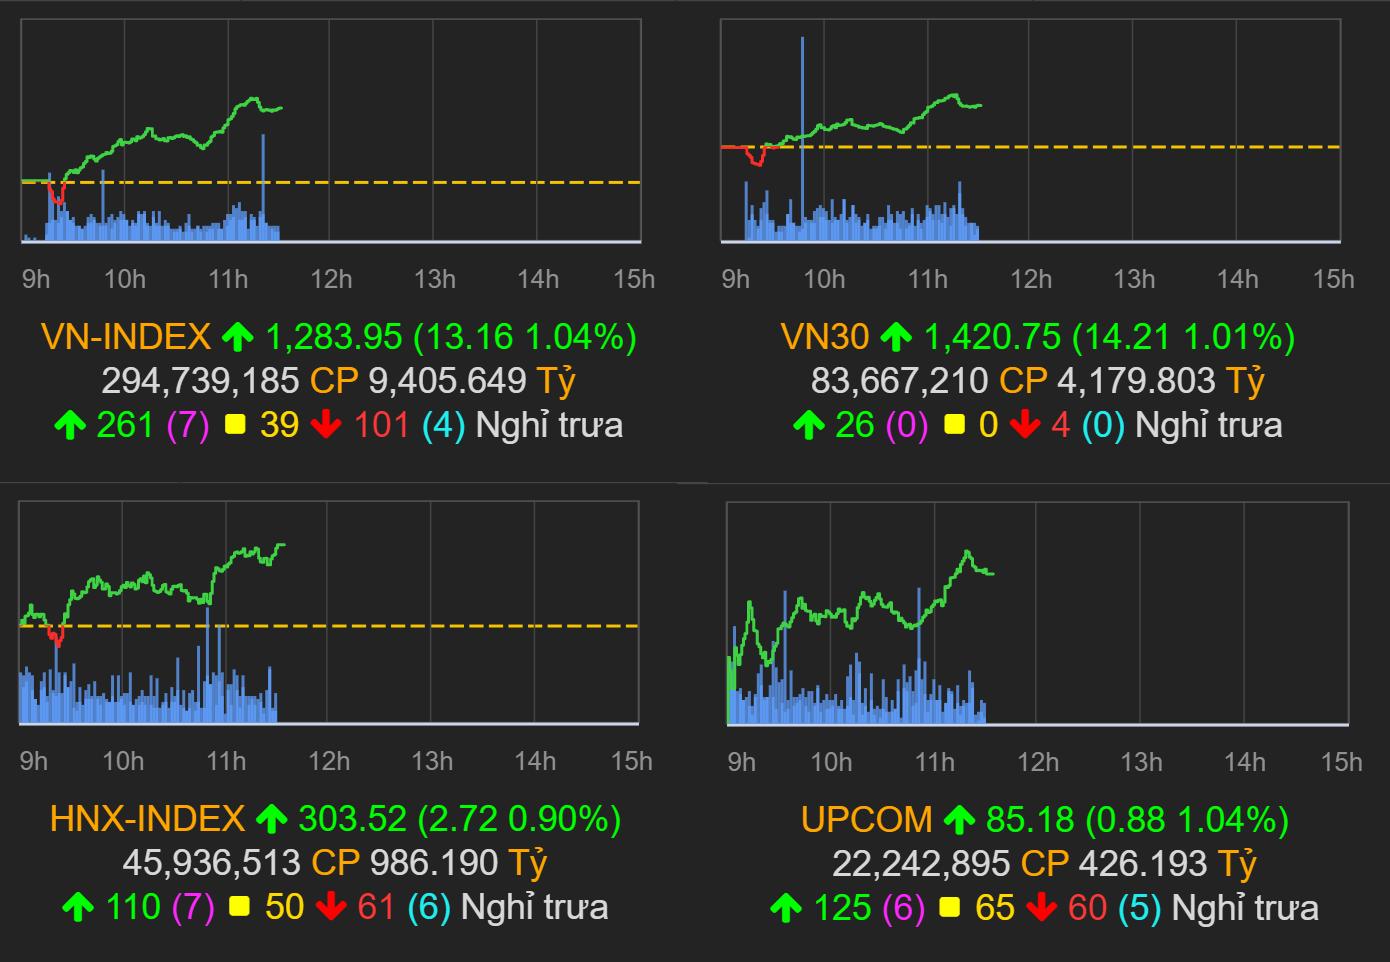 Thị trường chứng khoán (22/7): Cổ phiếu BĐS, ngân hàng dẫn dắt, VN-Index tăng hơn 13 điểm - Ảnh 1.